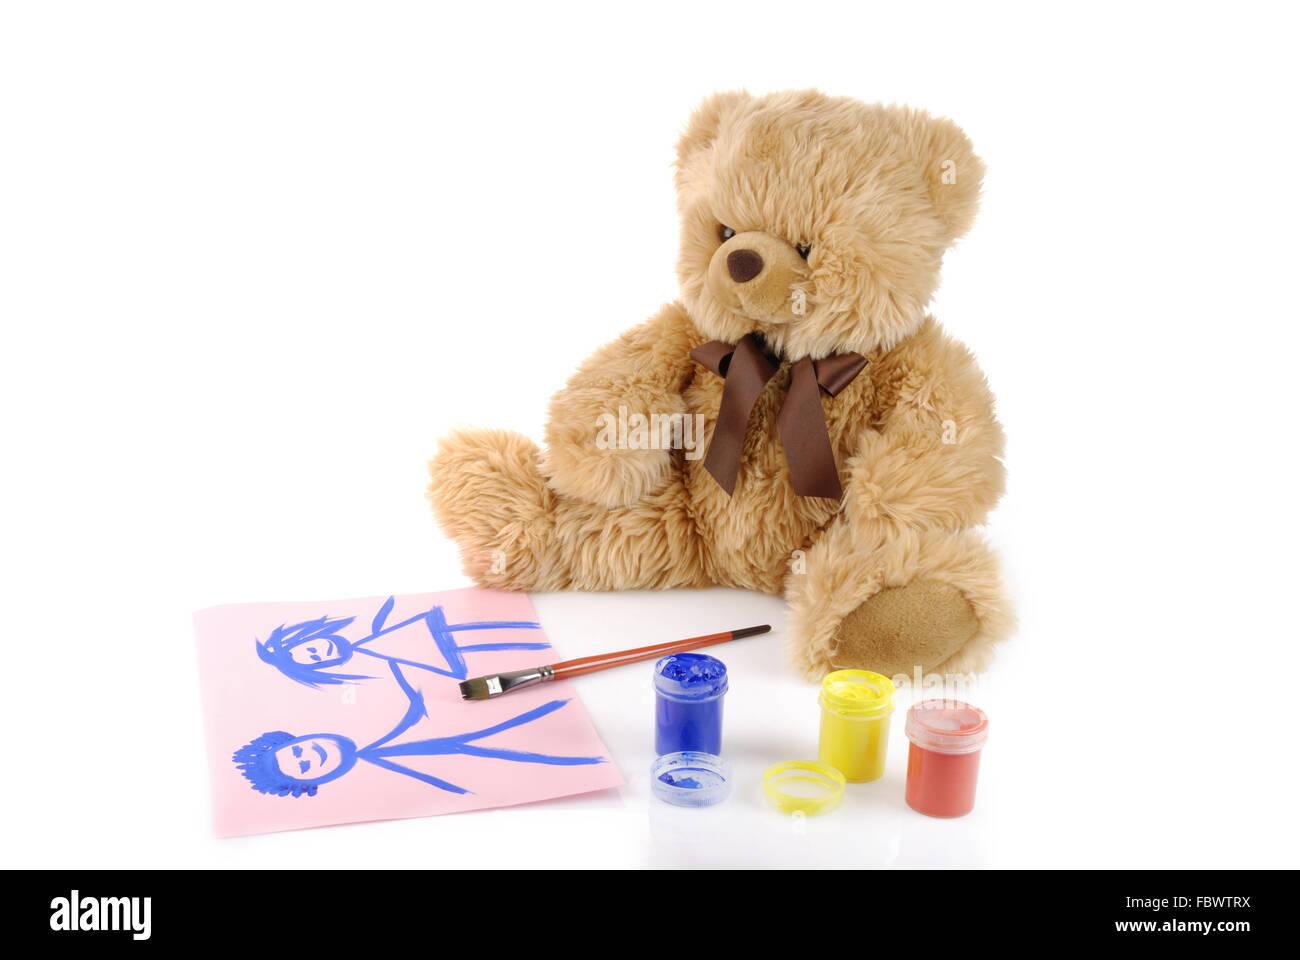 Teddybär Malerei Farben isoliert auf weiss Stockfoto, Bild: 93381342 ...